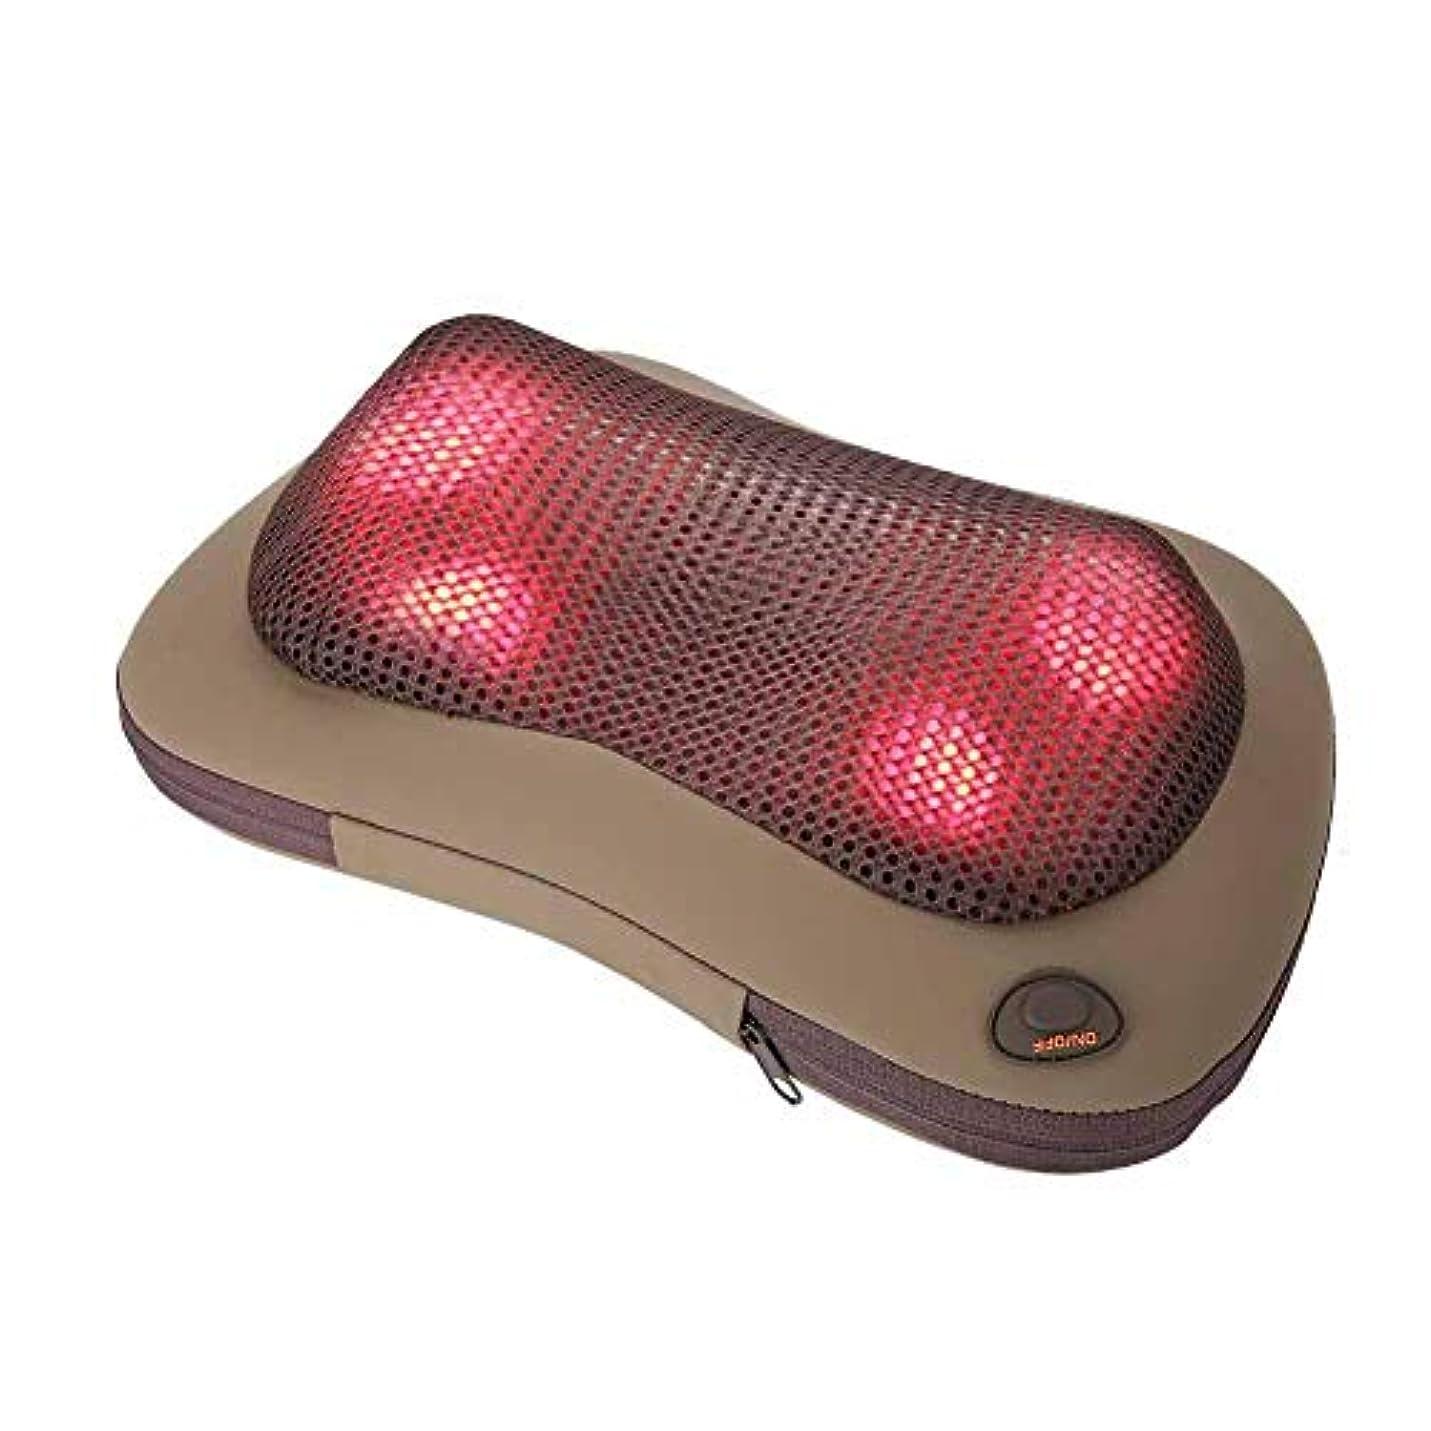 ロデオコカインメダリスト携帯用 電気マッサージ 枕 暖房療法 首 ウエスト 足 腕 マッサージ用具(グレー)